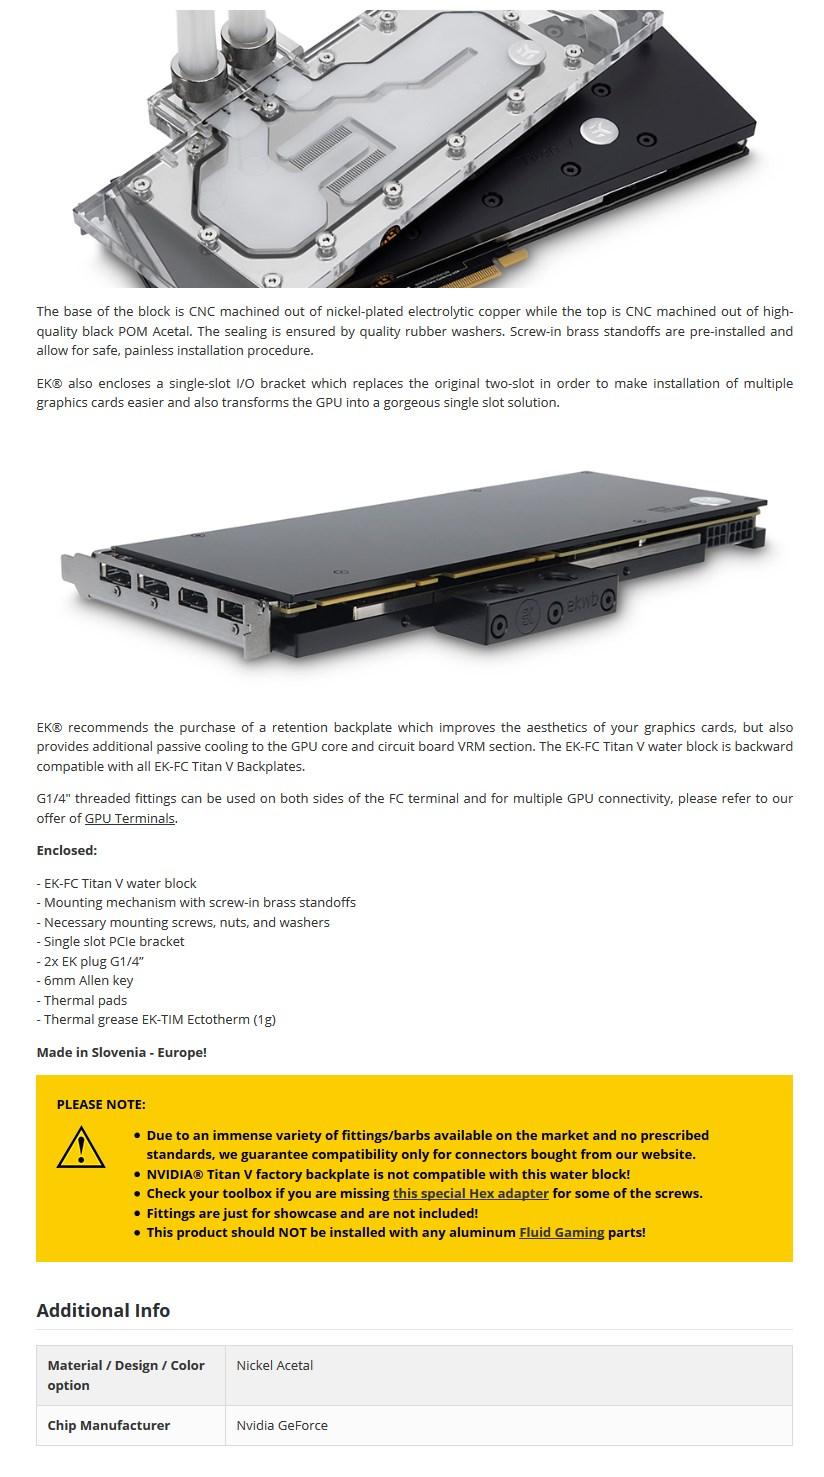 EKWB EK-FC Titan V - Acetal + Nickel GPU Water Block - Desktop Overview 1